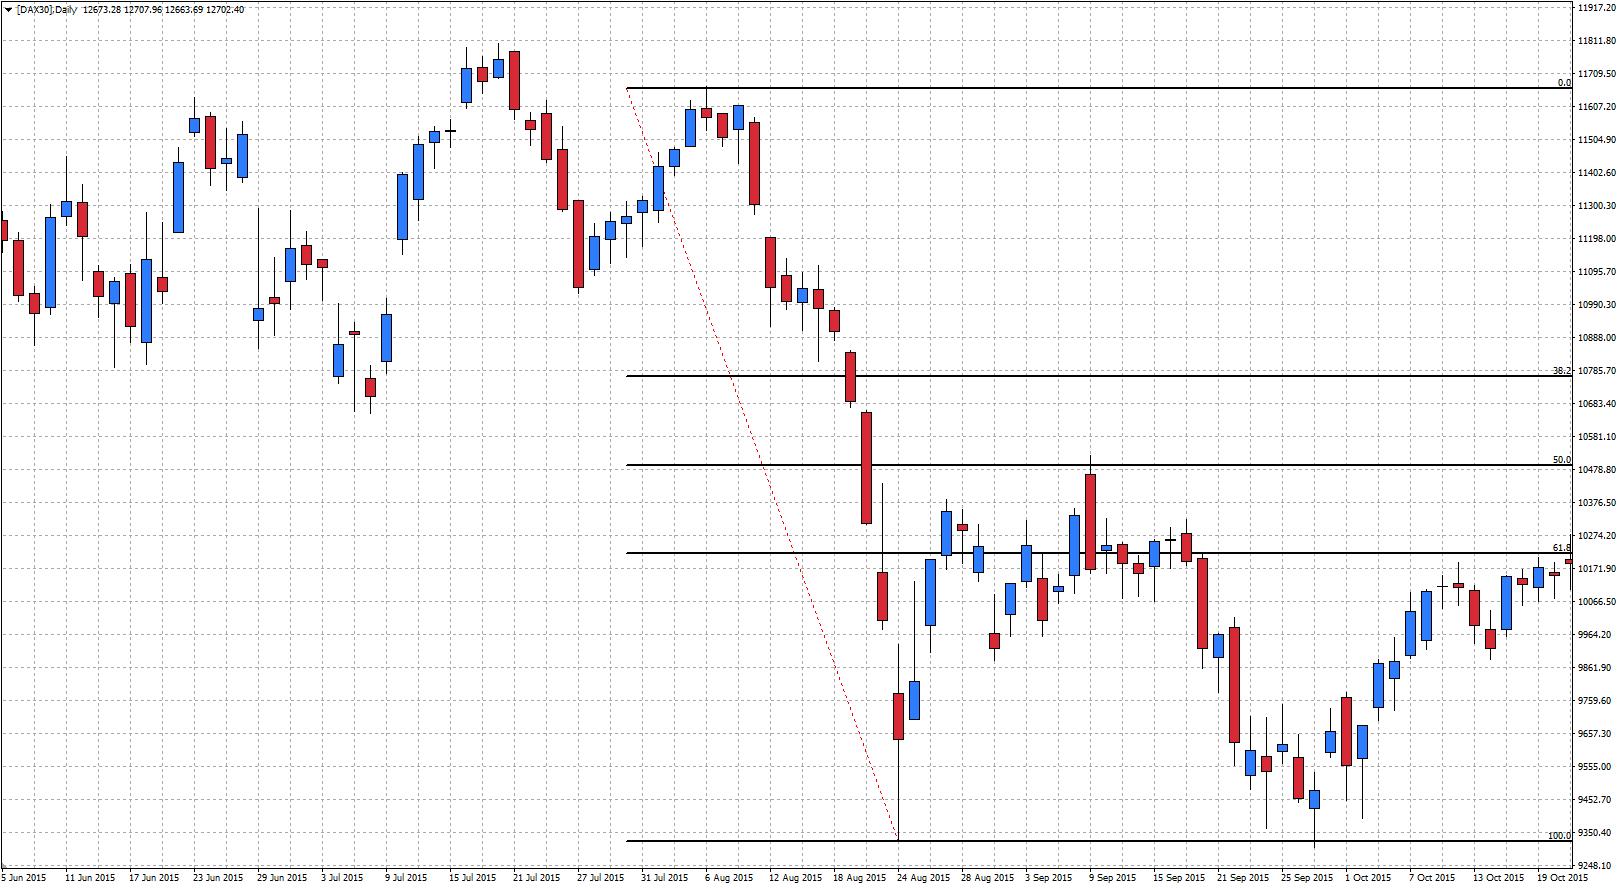 Fibonacci bajista en el gráfico diario del Dax 30 en Metatrader 4 con Admiral Markets [DAX30]